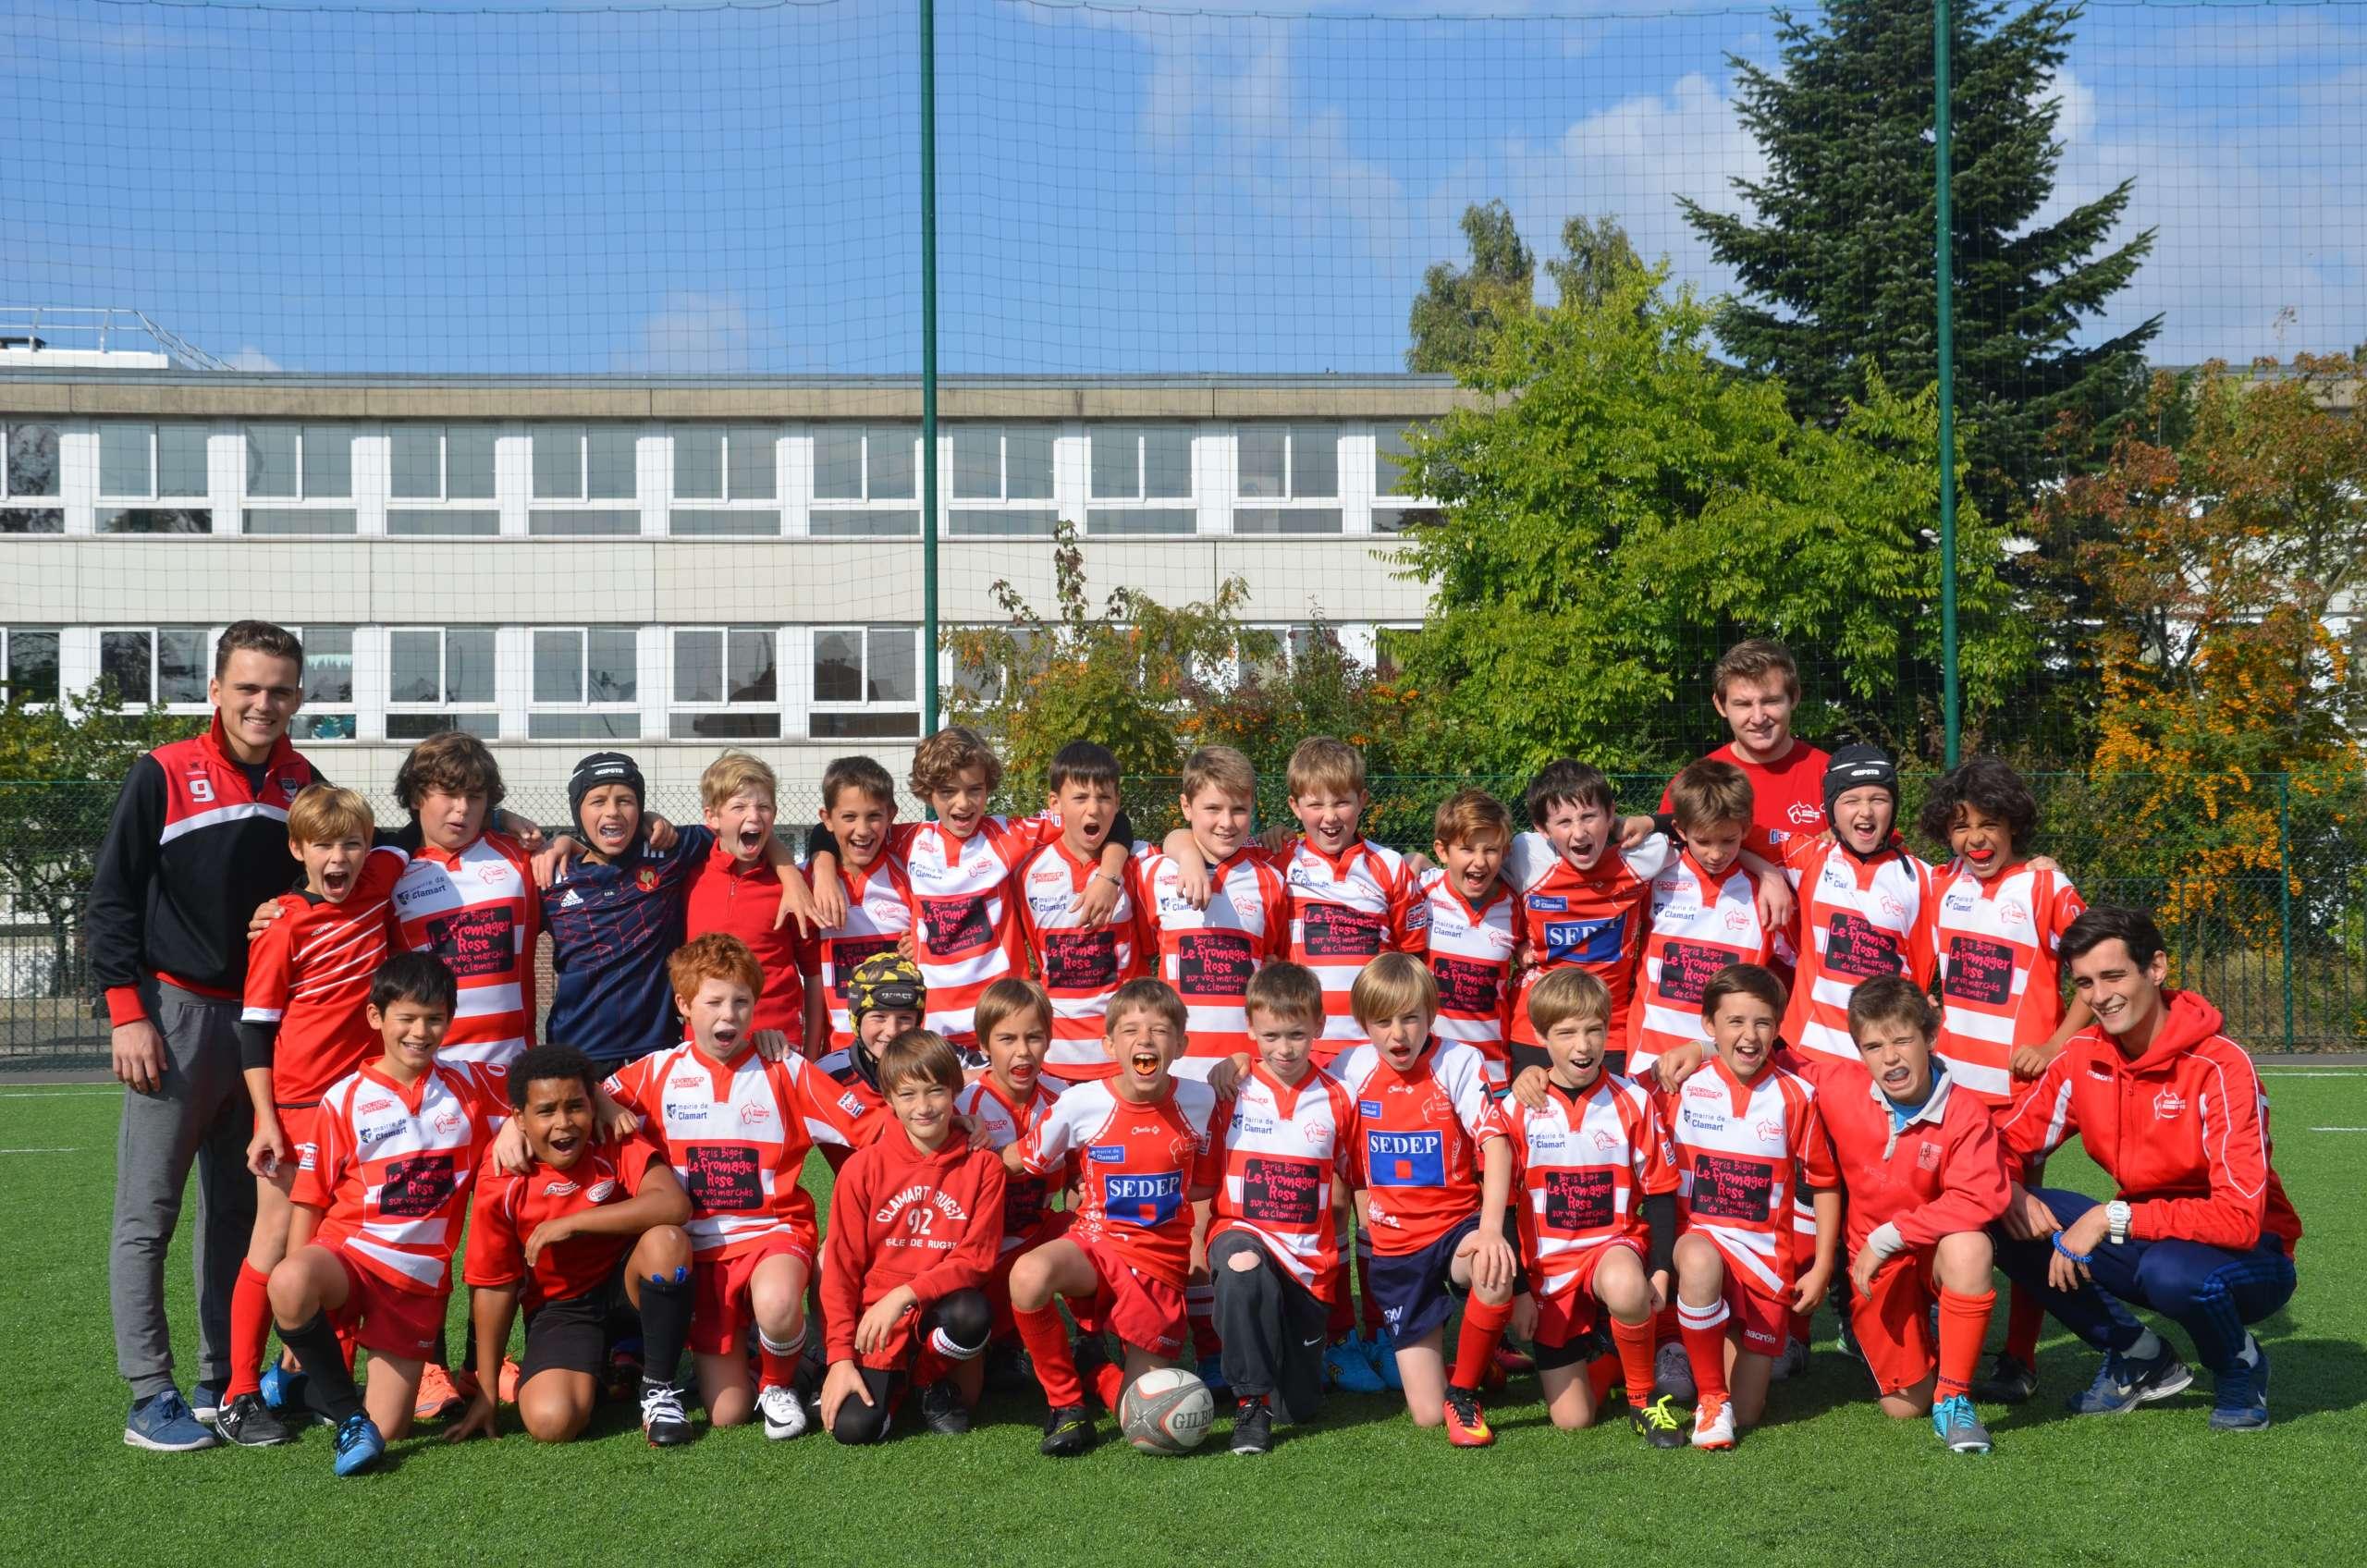 Résultats du samedi 8 octobre 2016 Ecole de rugby Clamart Rugby 92 Ile de France